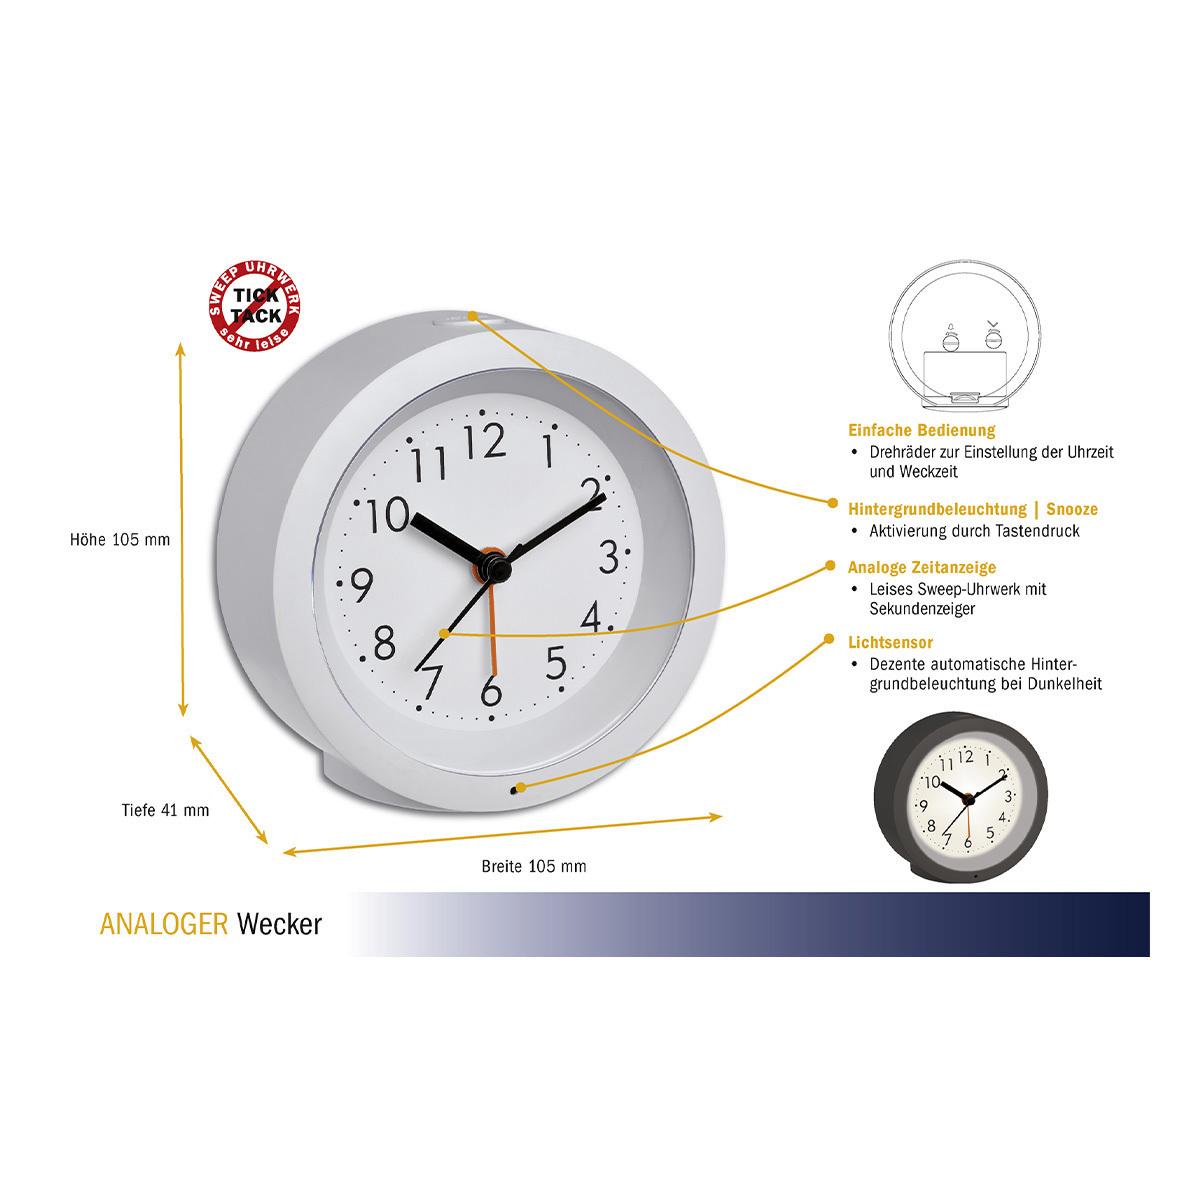 60-1029-02-analoger-wecker-abmessungen-1200x1200px.jpg